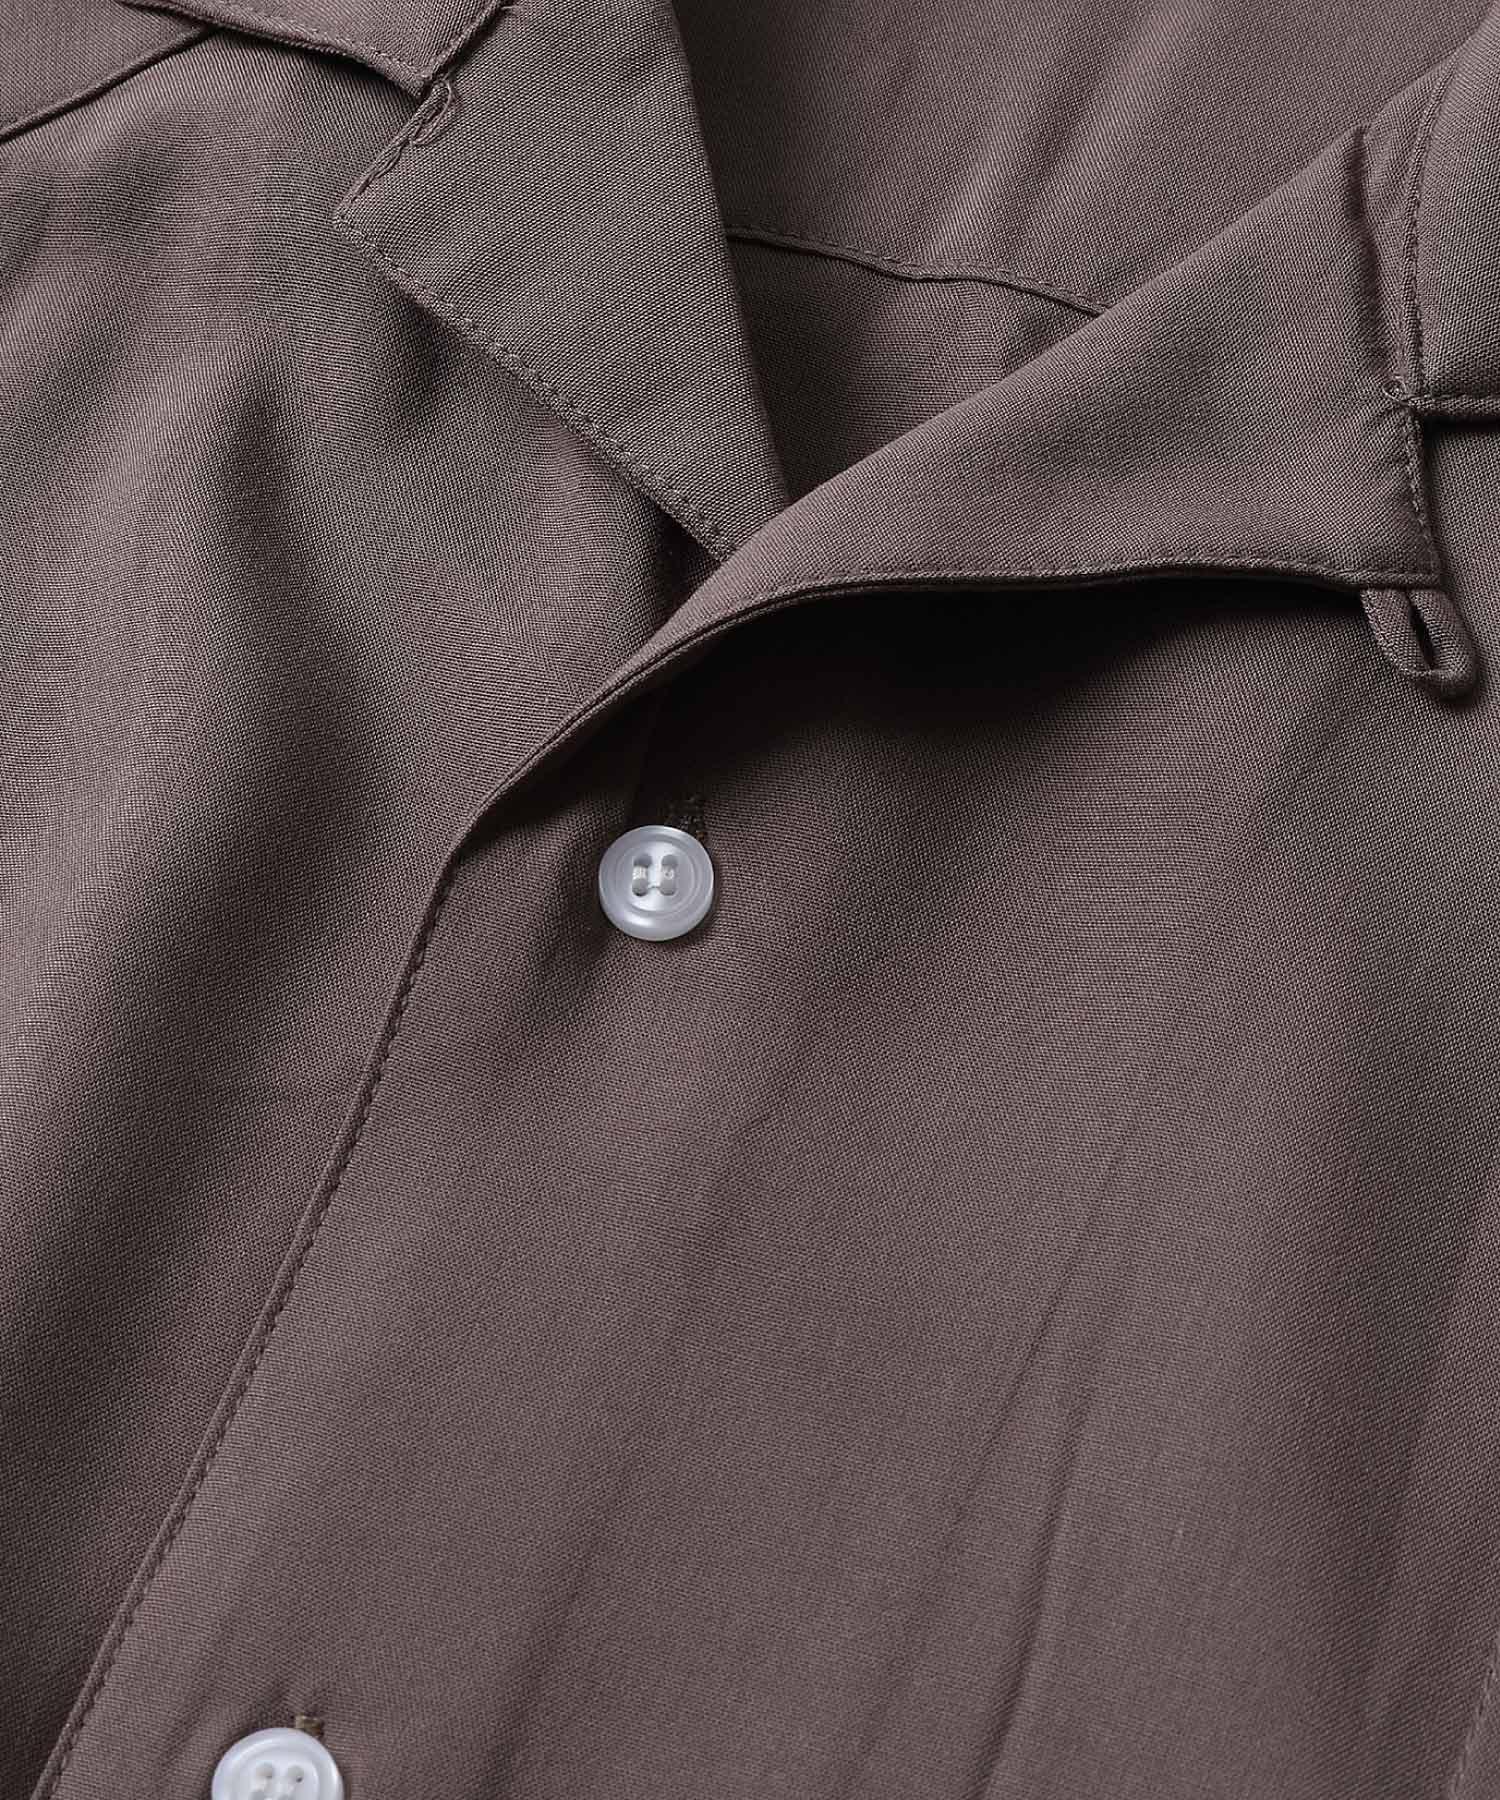 【Nilway】古巴短袖襯衫 4